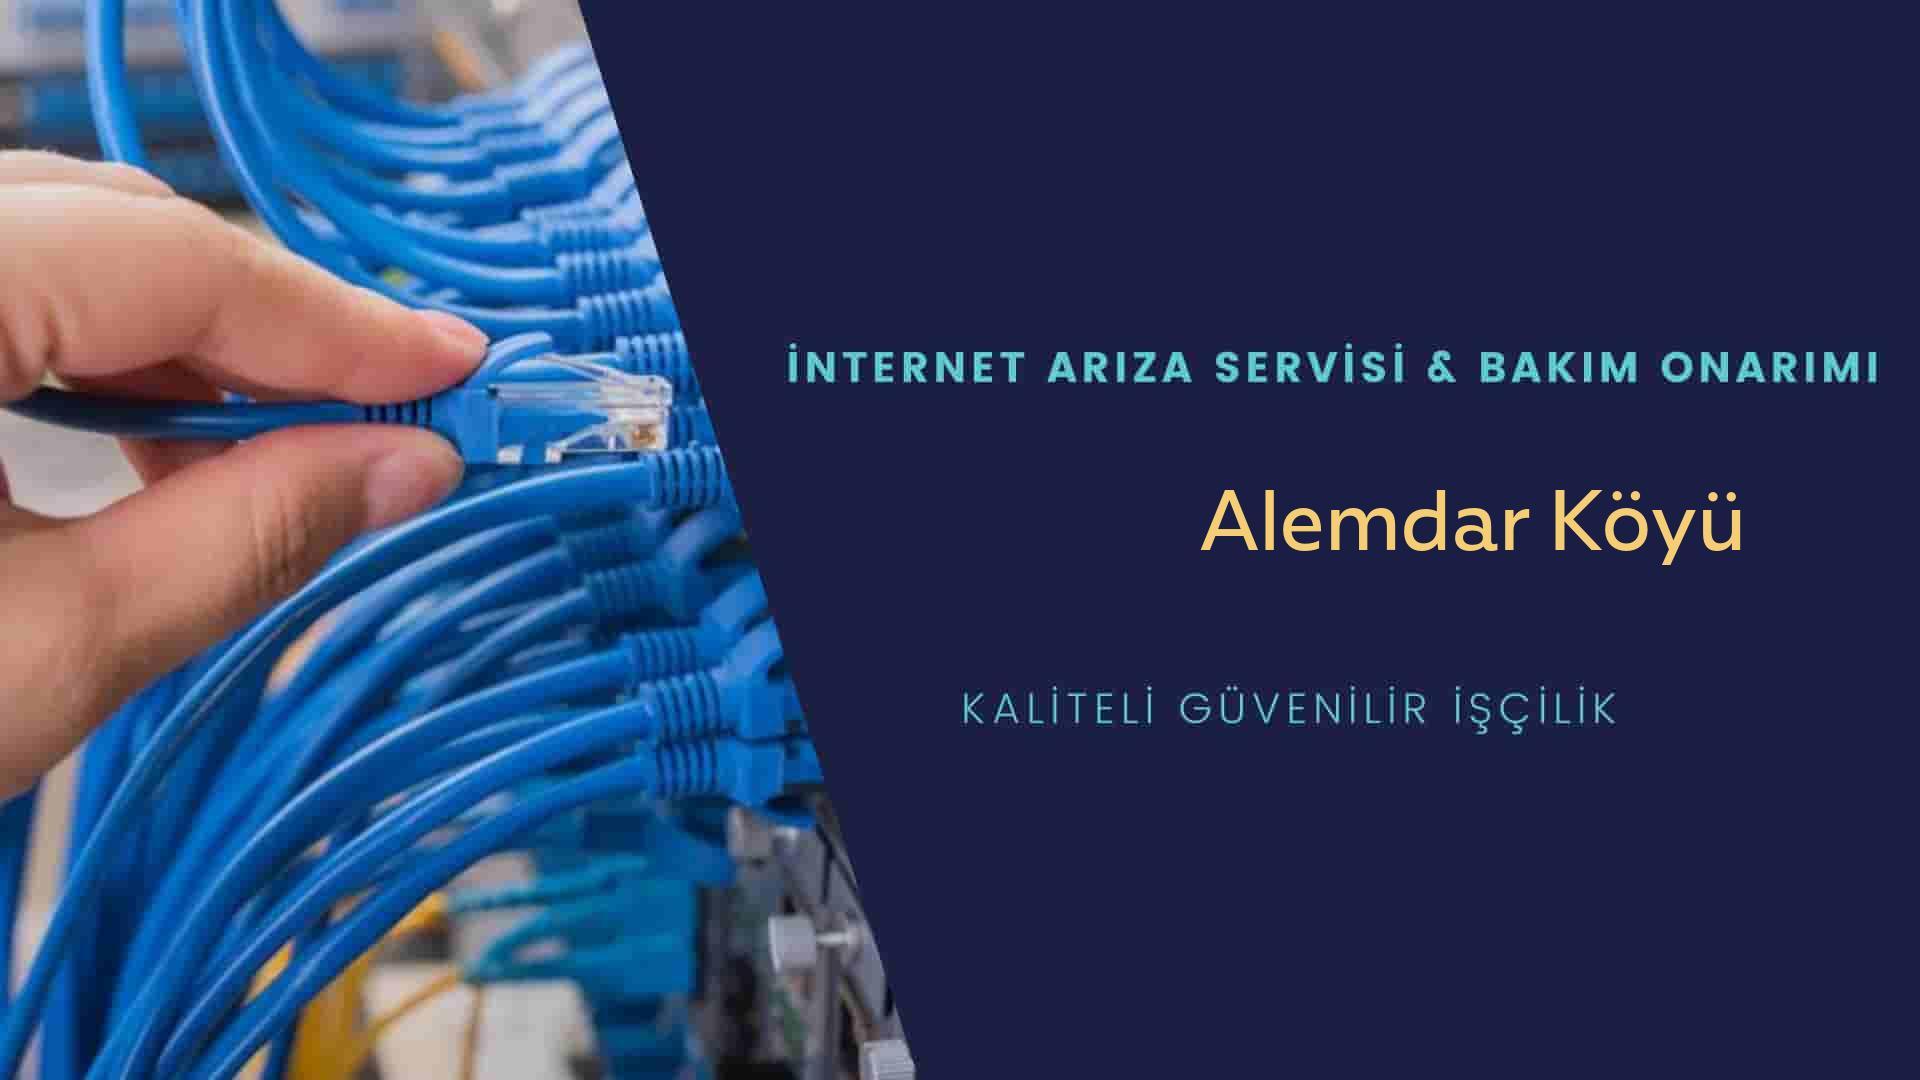 Alemdar Köyü internet kablosu çekimi yapan yerler veya elektrikçiler mi? arıyorsunuz doğru yerdesiniz o zaman sizlere 7/24 yardımcı olacak profesyonel ustalarımız bir telefon kadar yakındır size.